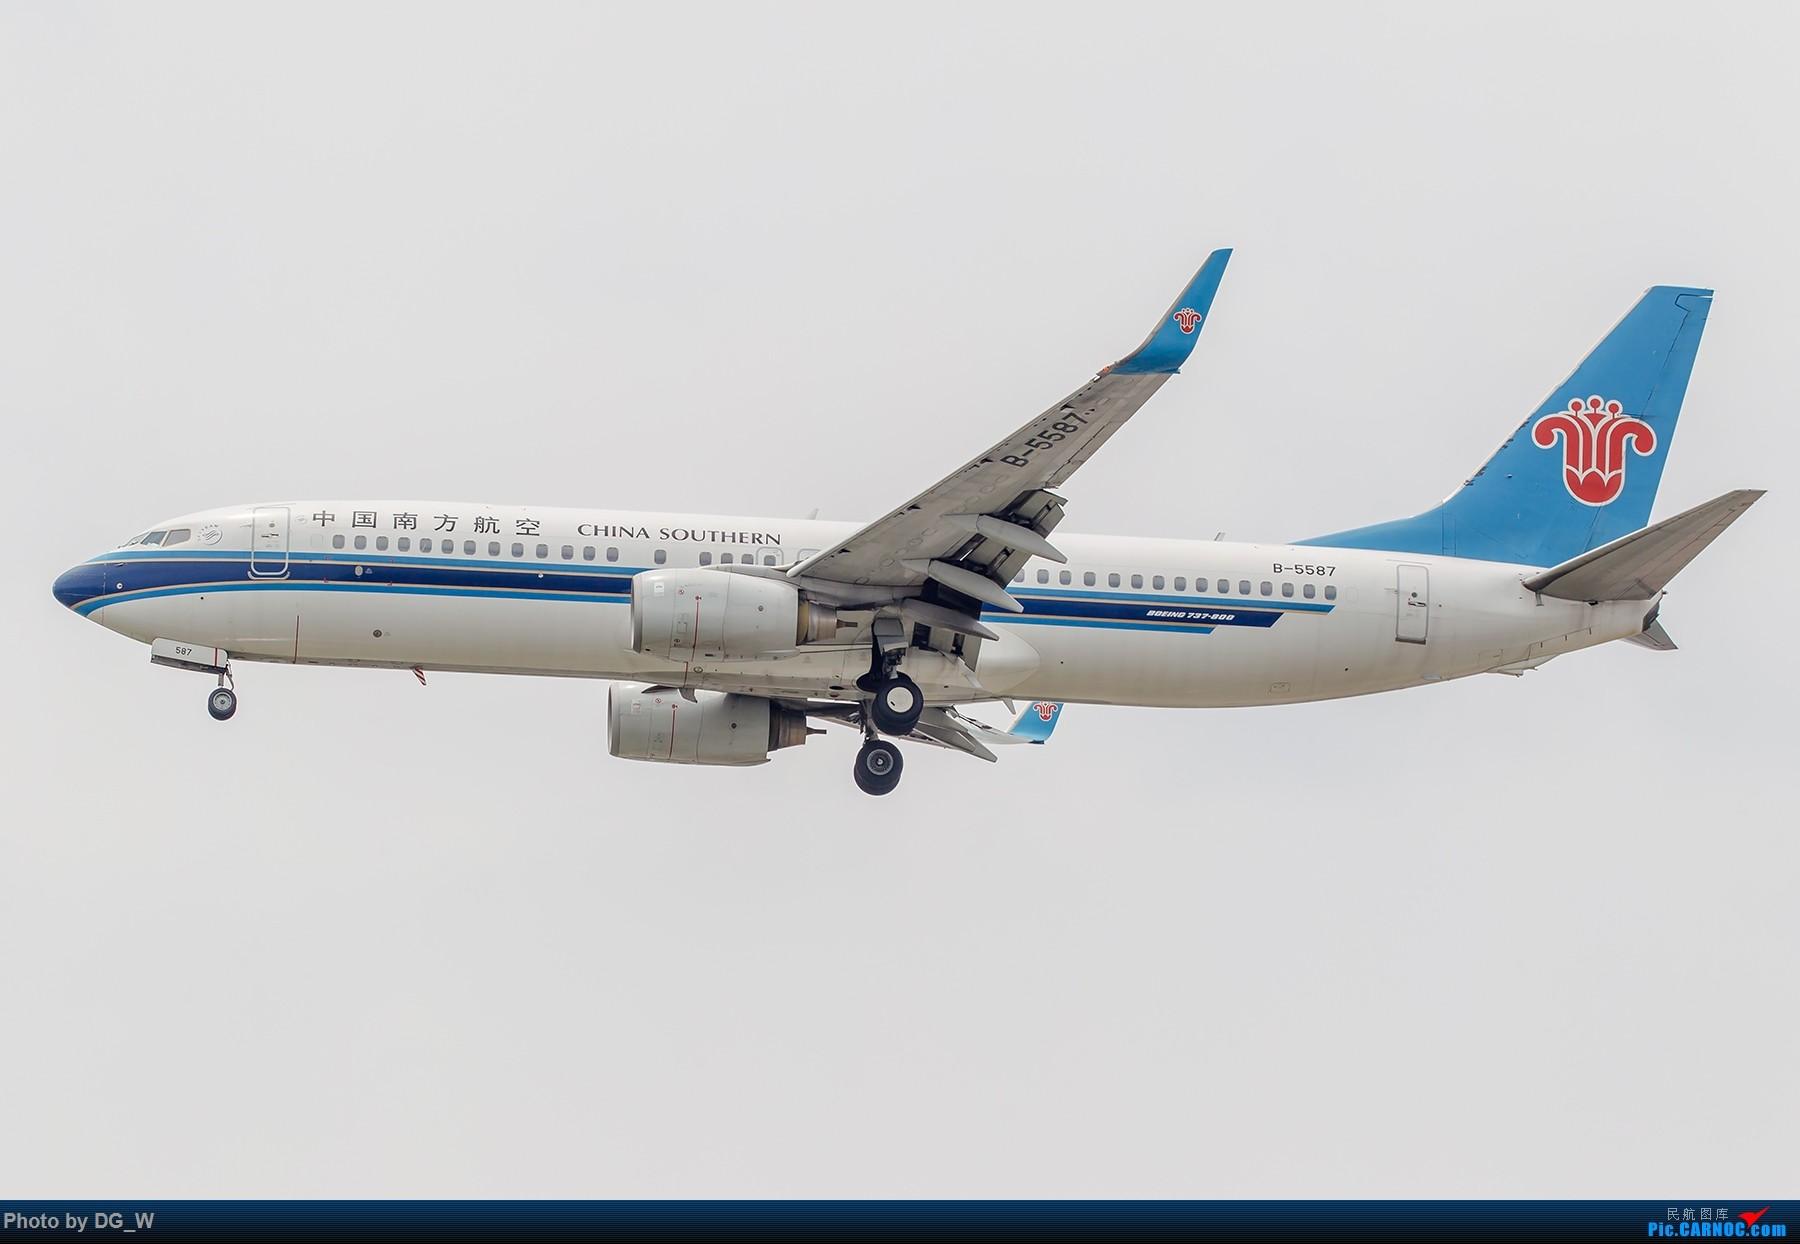 Re:[原创]【南宁飞友】两月之内三次虹桥拍机,大雨中的吹水,水泥天的迪斯尼,晚点的789,不期而遇的ARJ BOEING 737-800 B-5587 中国上海虹桥国际机场